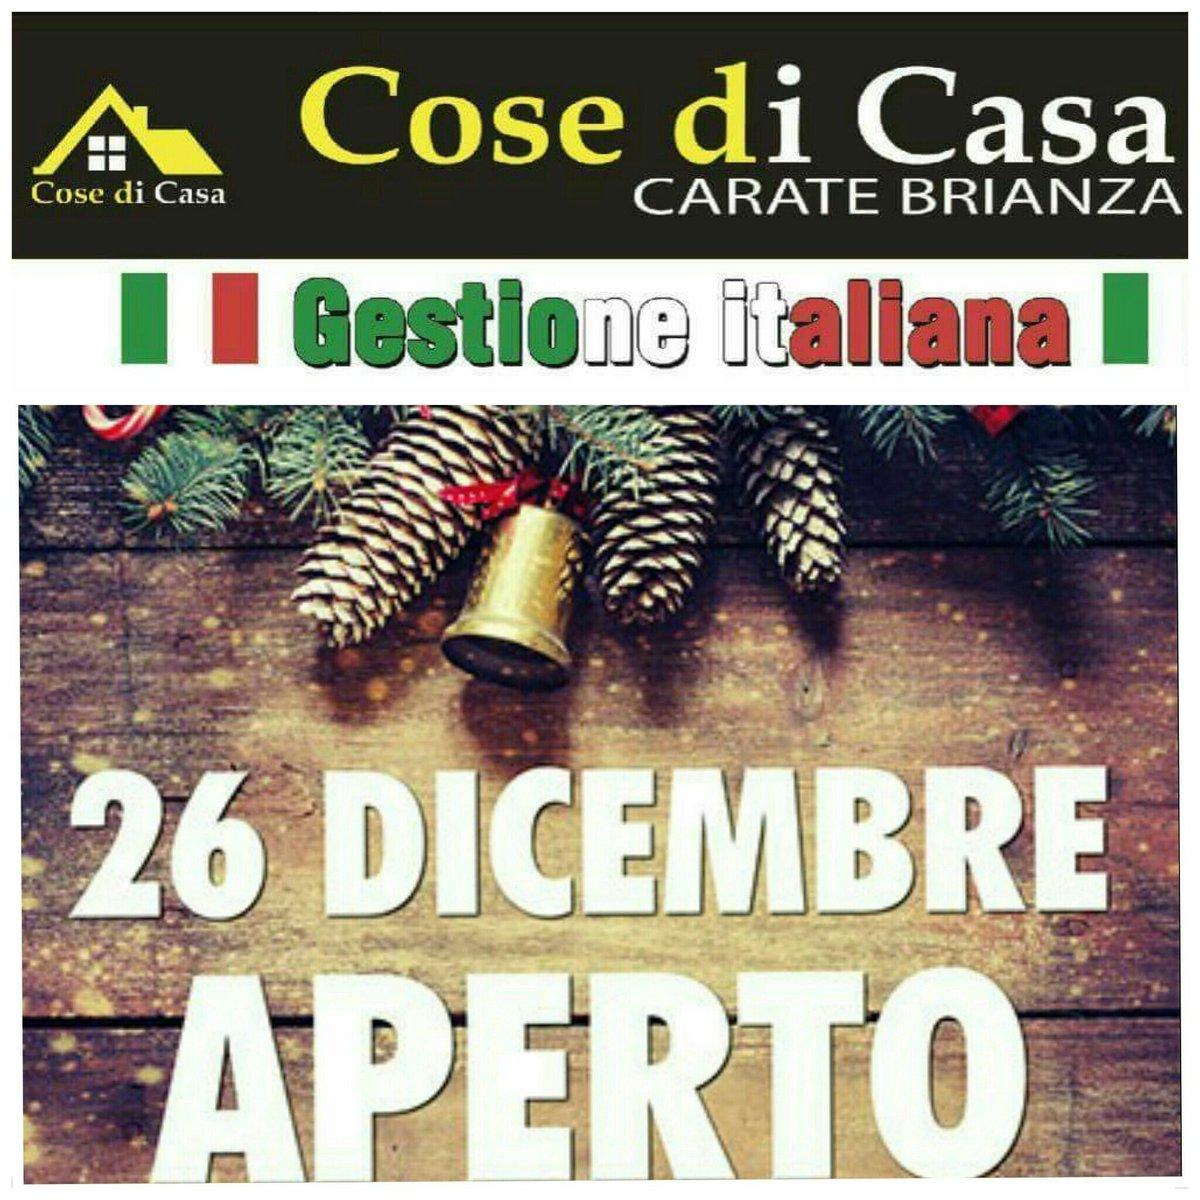 Cose Di Casa Carate elisa camellini (@elisacamellini6) | twitter